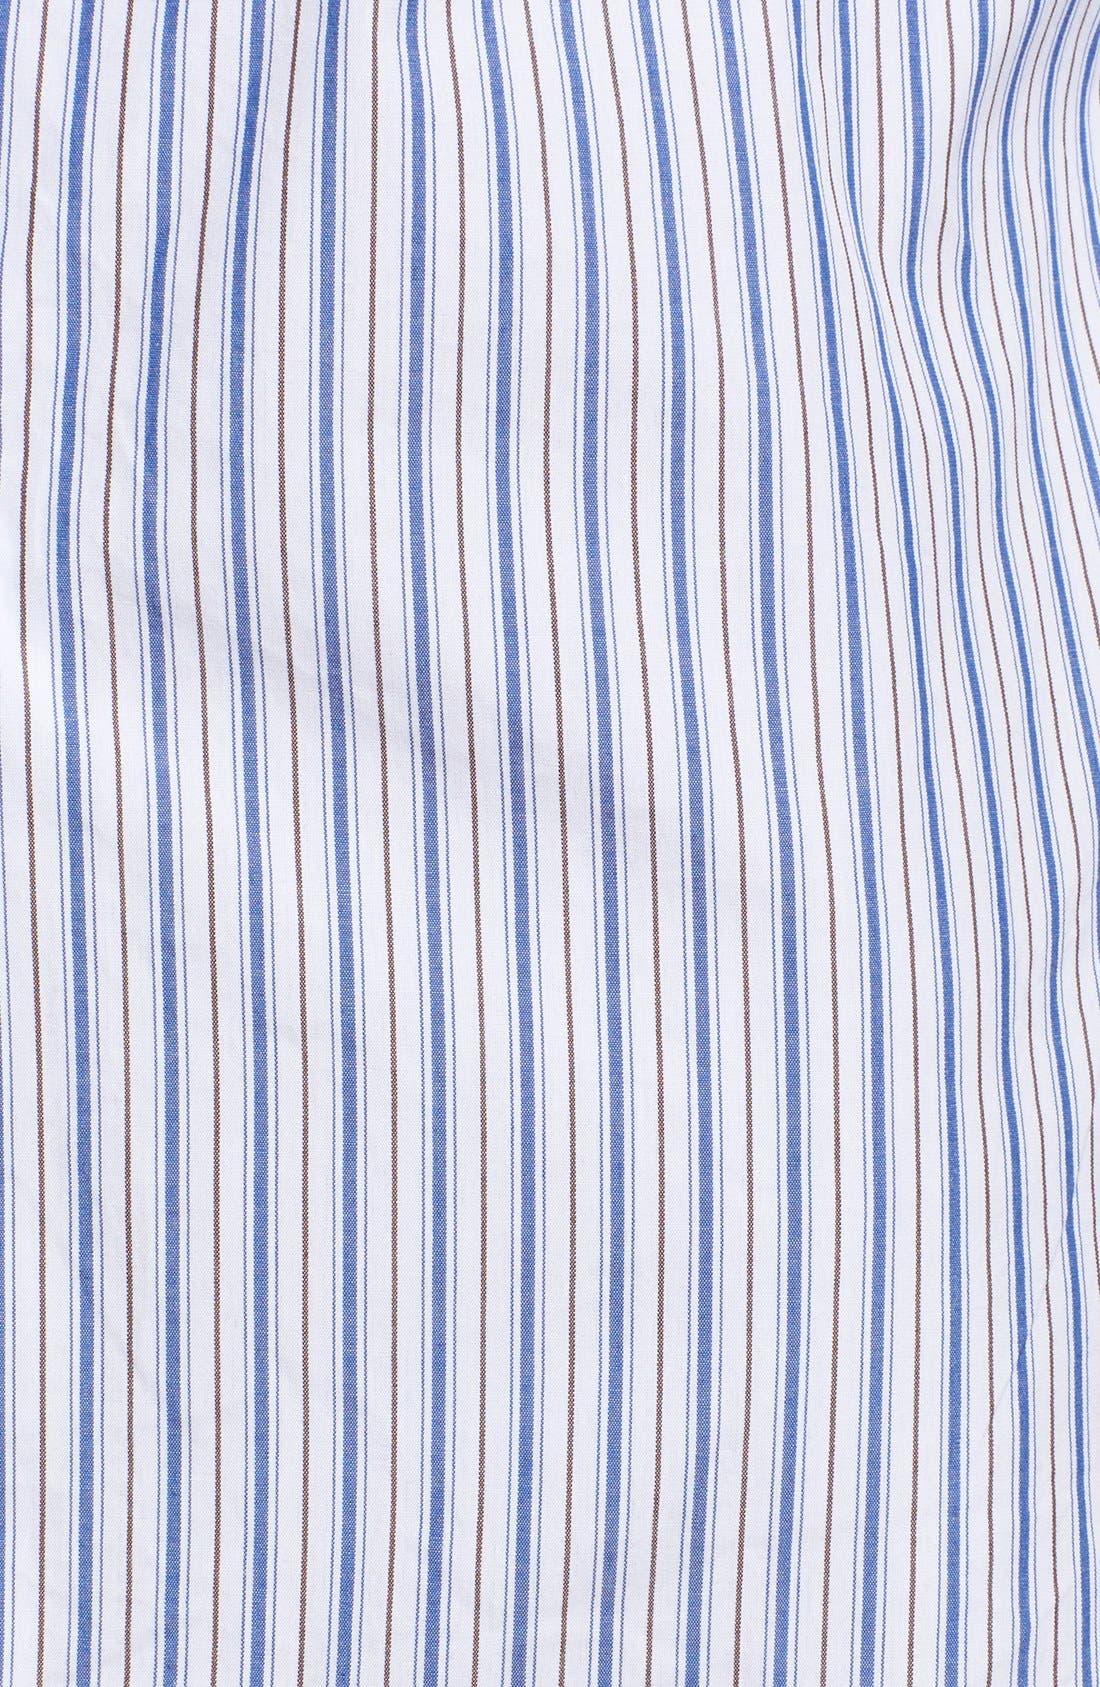 Comme des Garçons PLAY Stripe Shirt,                             Alternate thumbnail 5, color,                             Blue